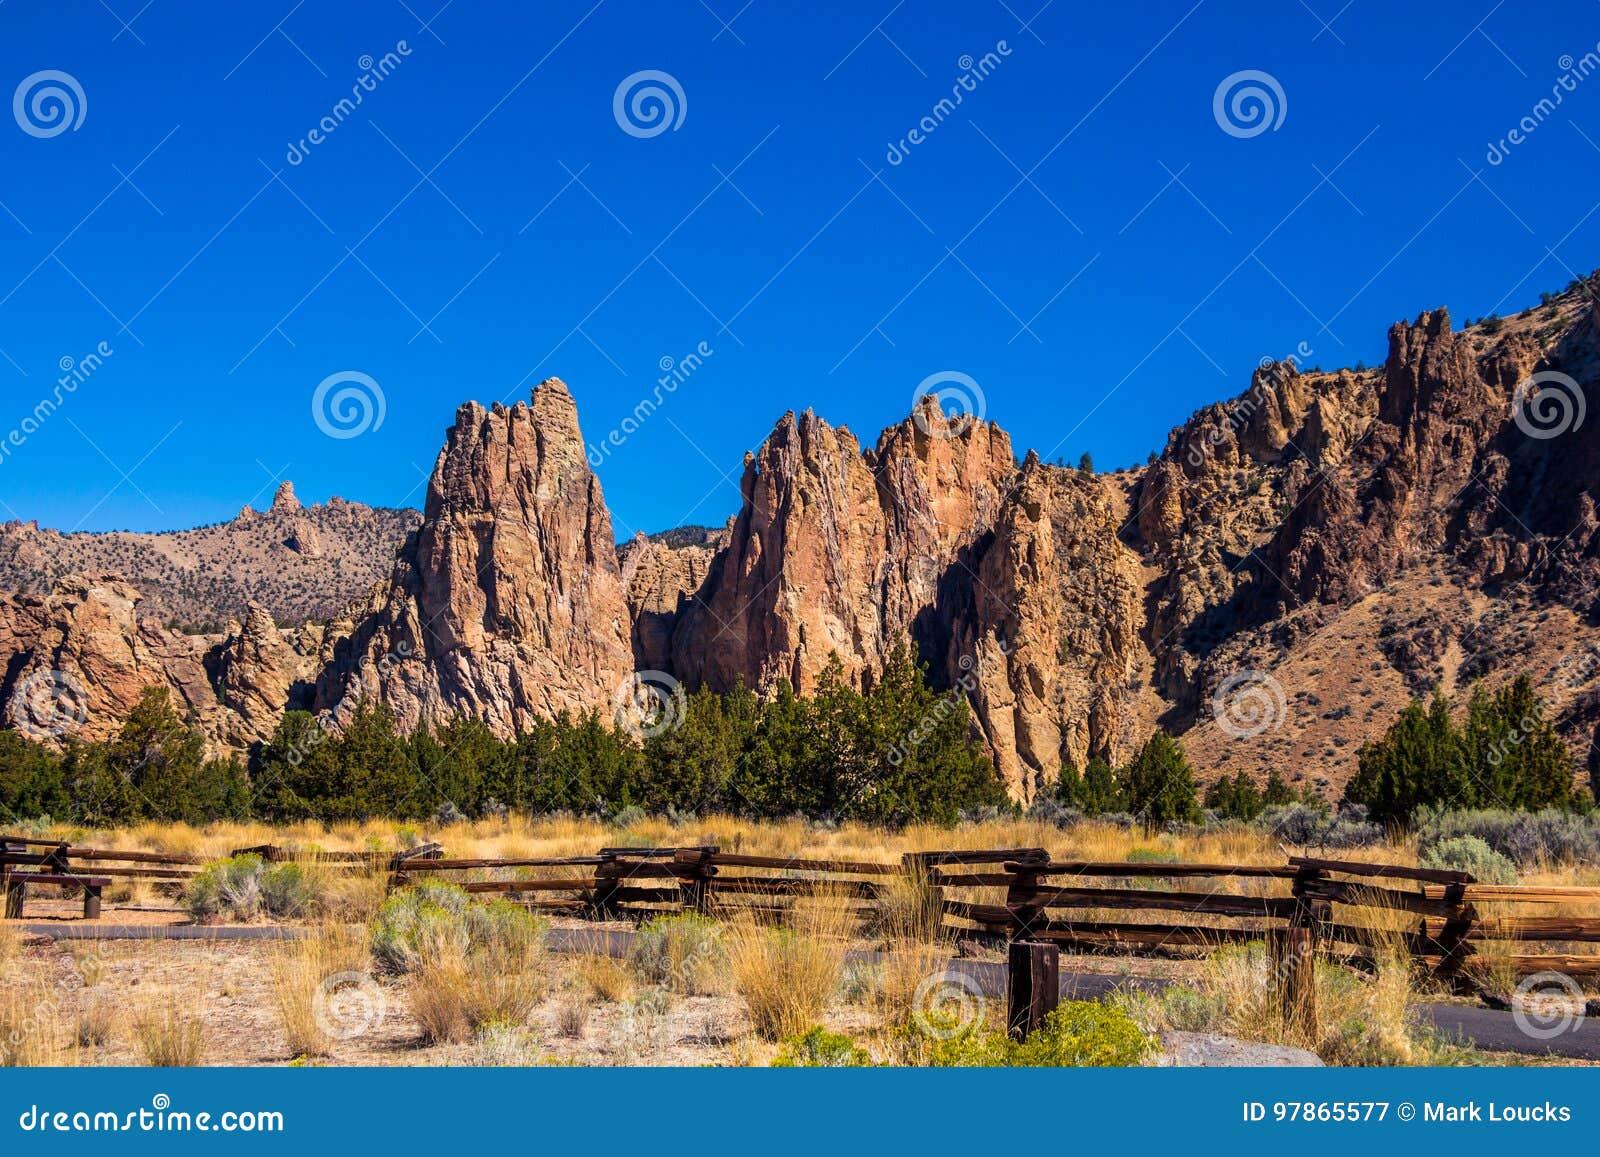 人行道史密斯岩石国家公园俄勒冈